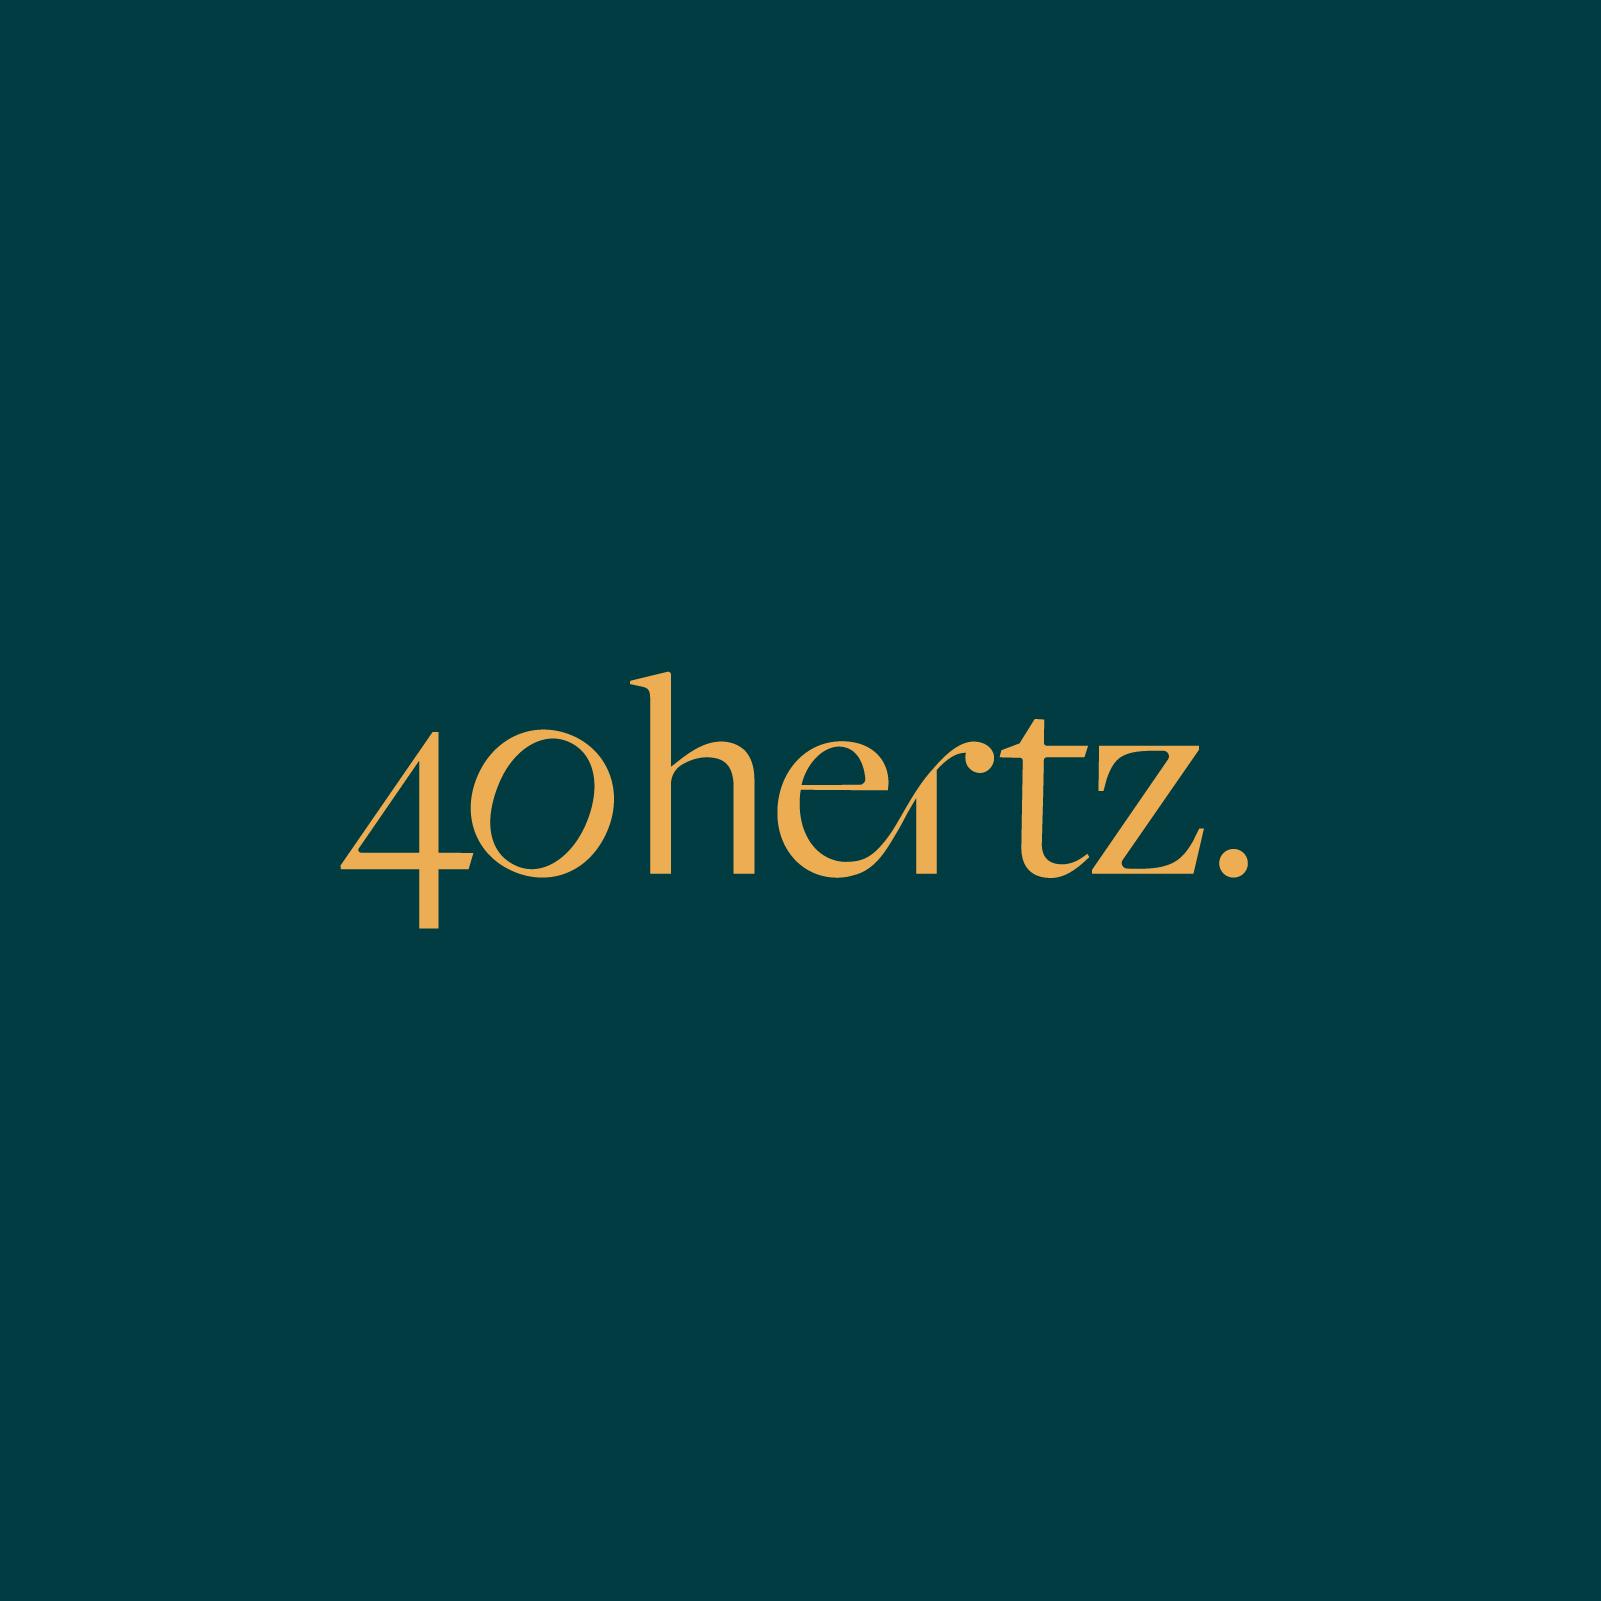 LOGOTYPE-IDENTITE-VISUELLE-ANTOINE-PELTIER-DESIGNER-40HERTZ-11